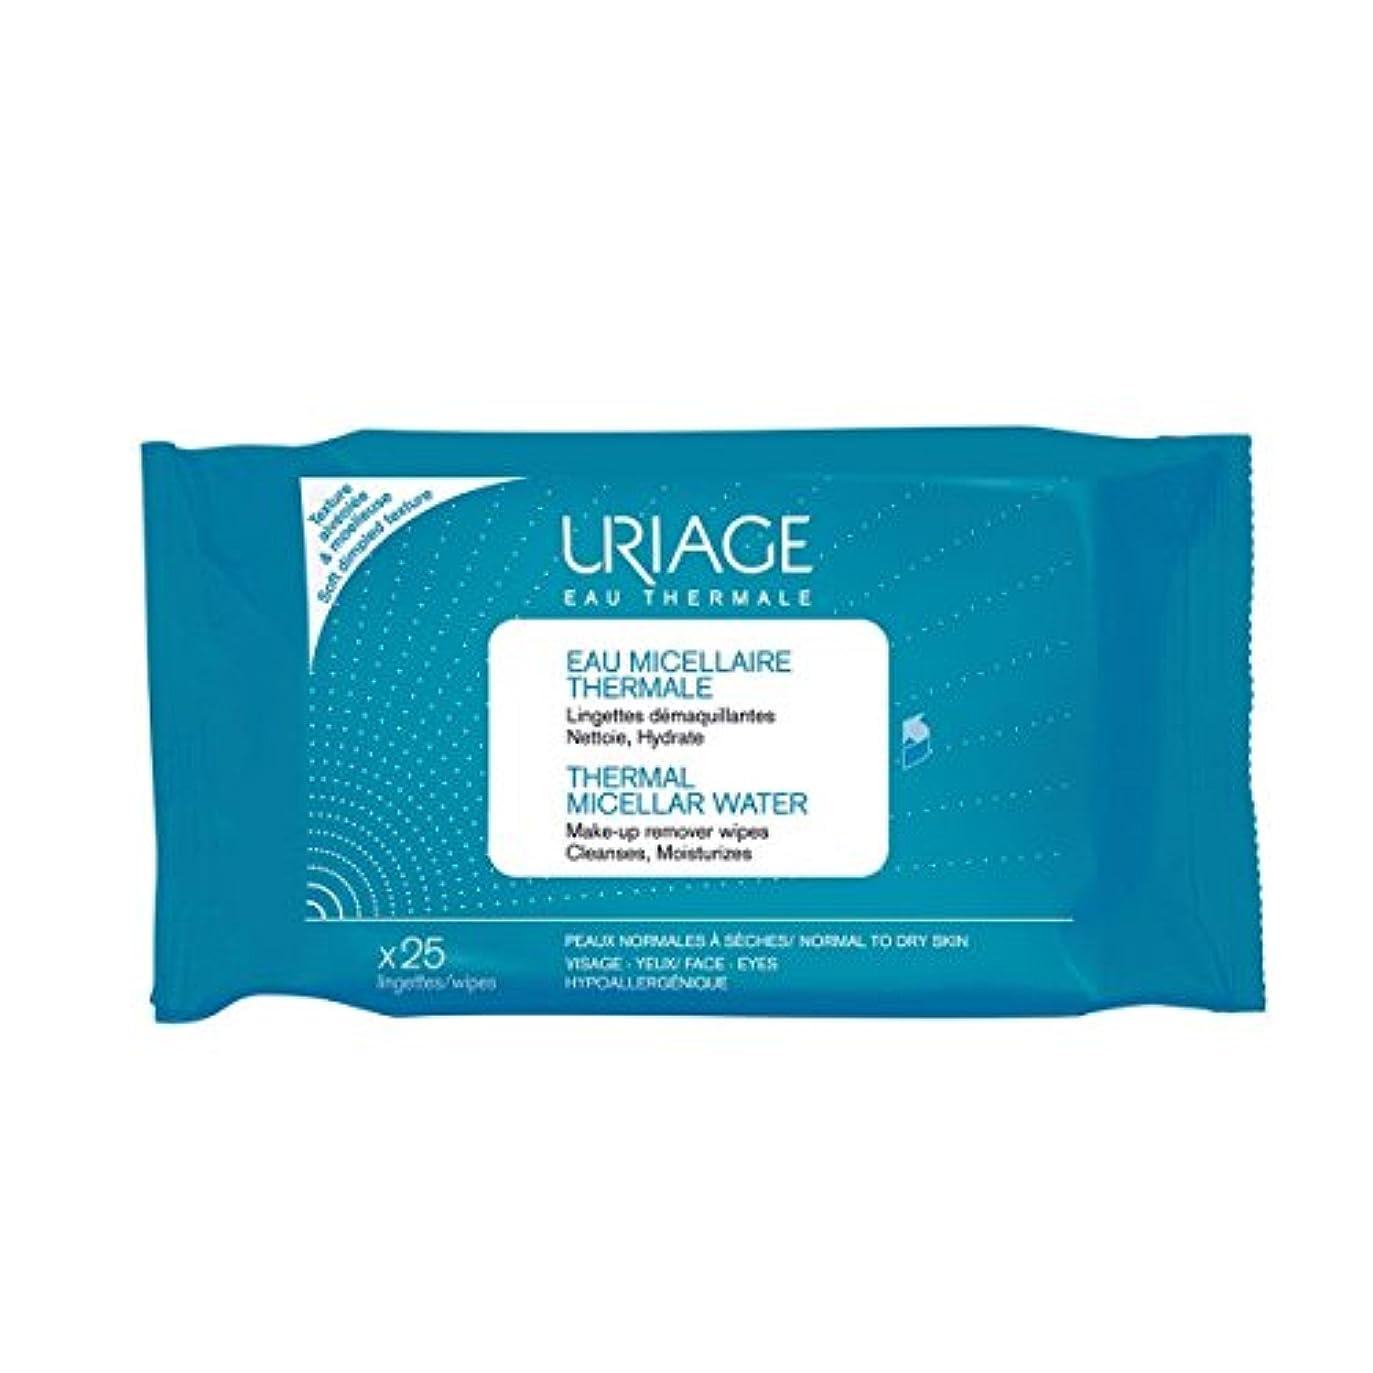 練るプラカード孤児Uriage Thermal Micellar Water Make-up Remover Wipes X25 [並行輸入品]